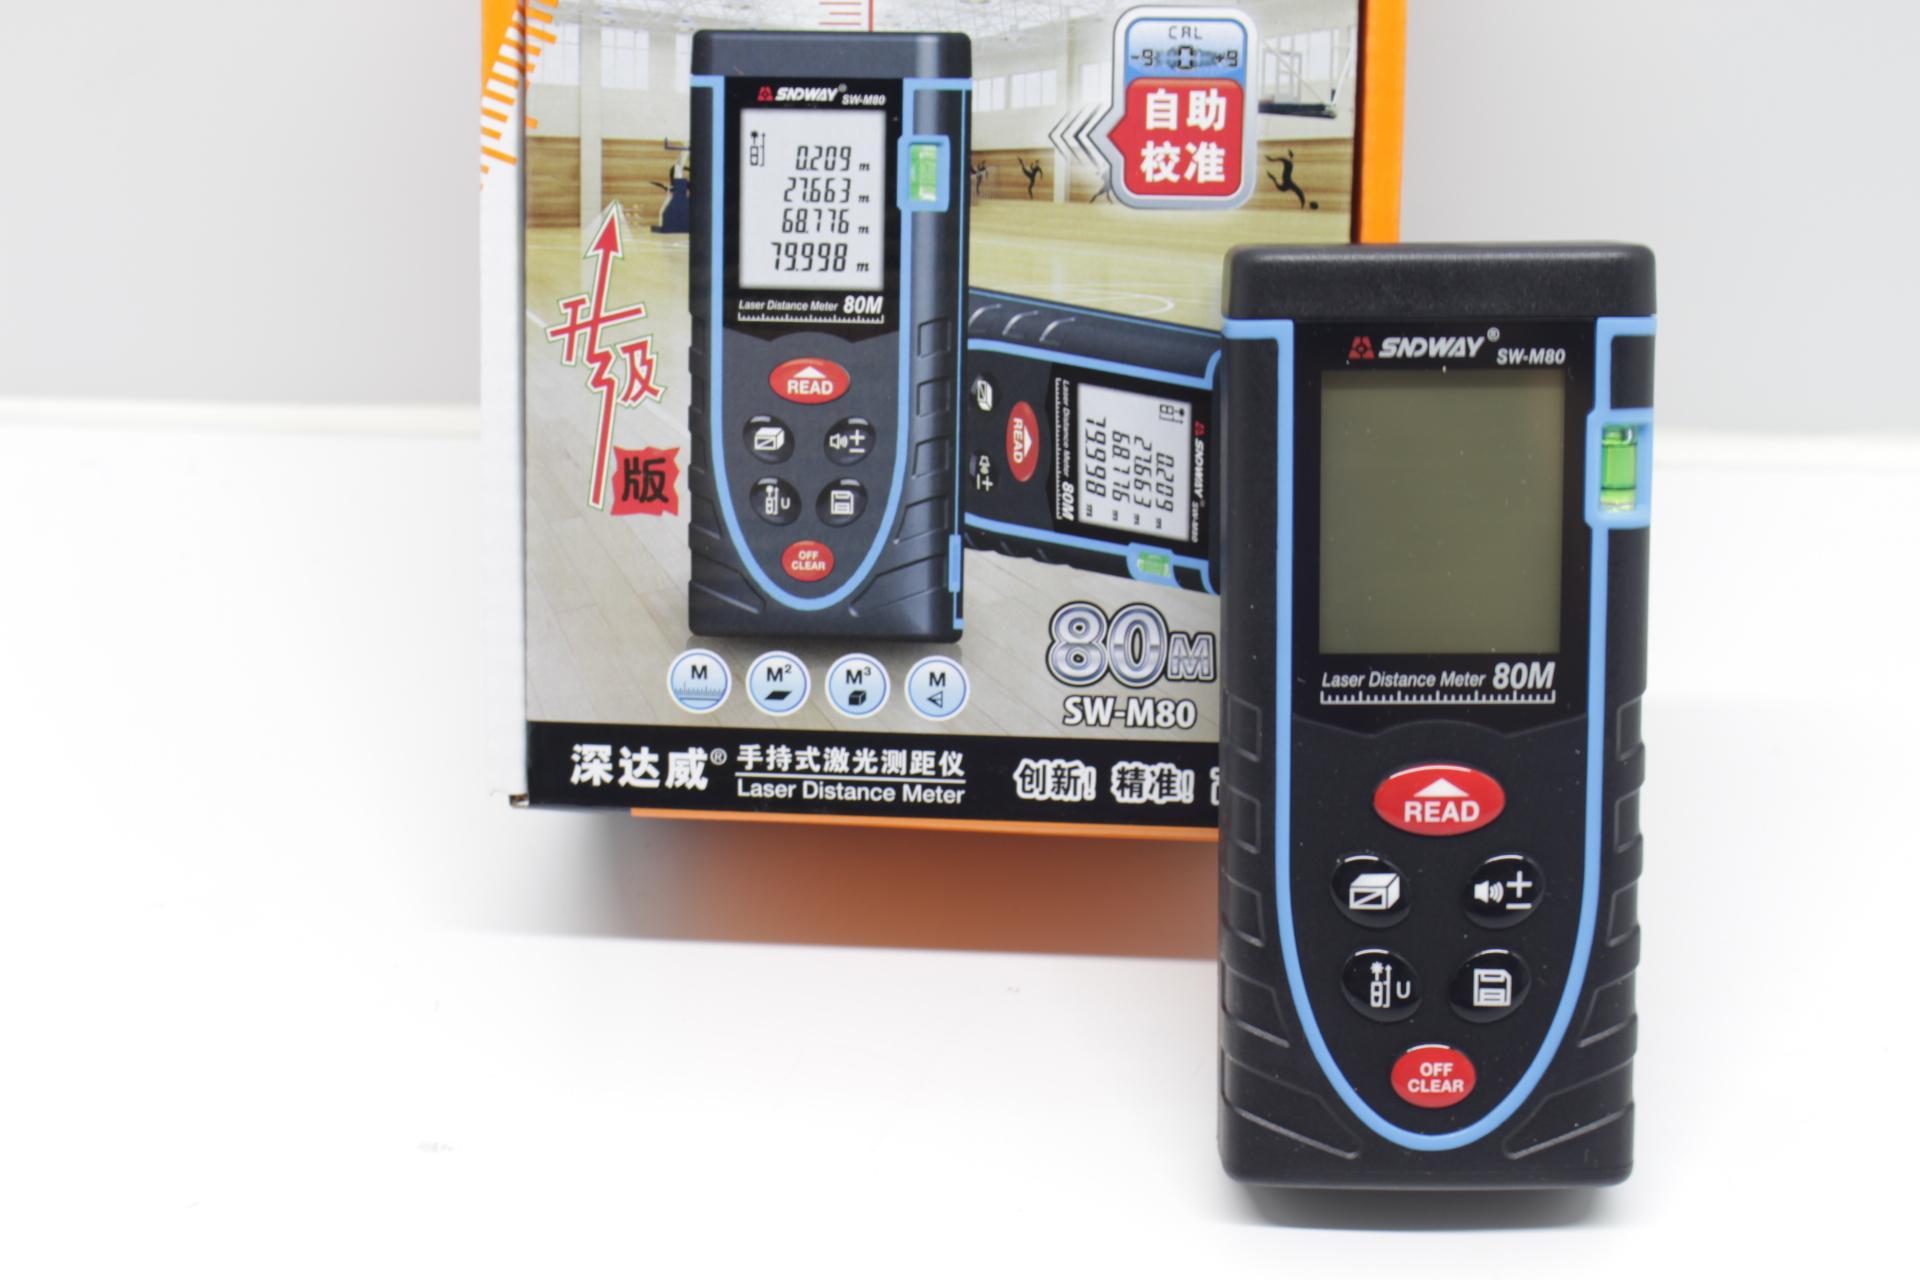 Thước đo khoảng cách bằng tia laser SNDWAY SW-M80 phạm vi đo 80M